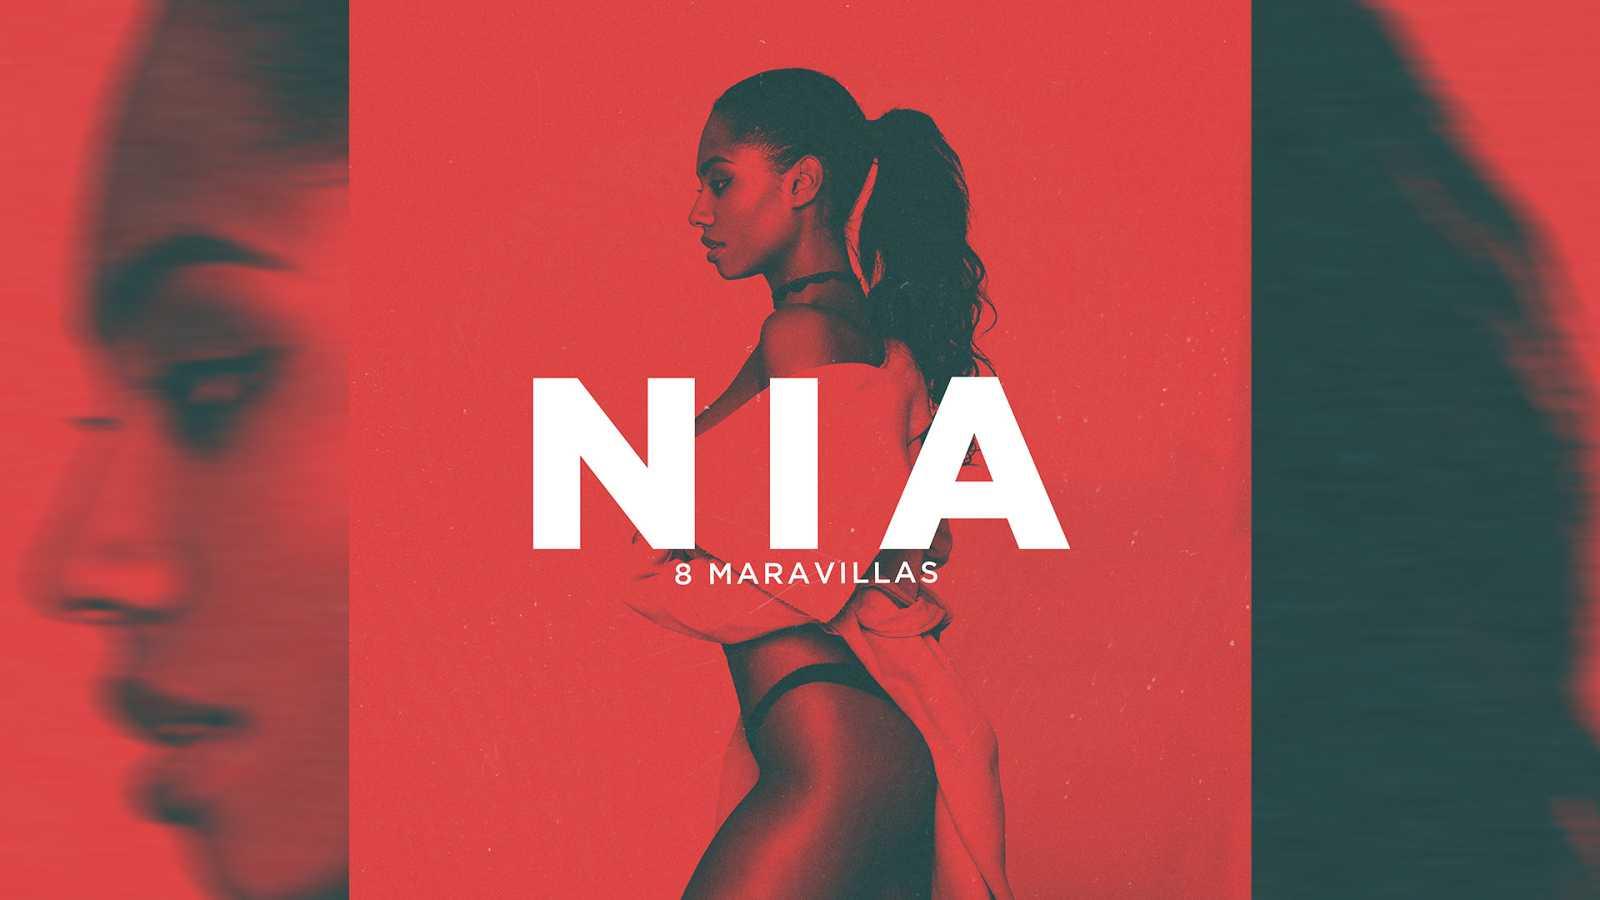 """Portada del primer single de Nia, """"8 maravillas"""""""